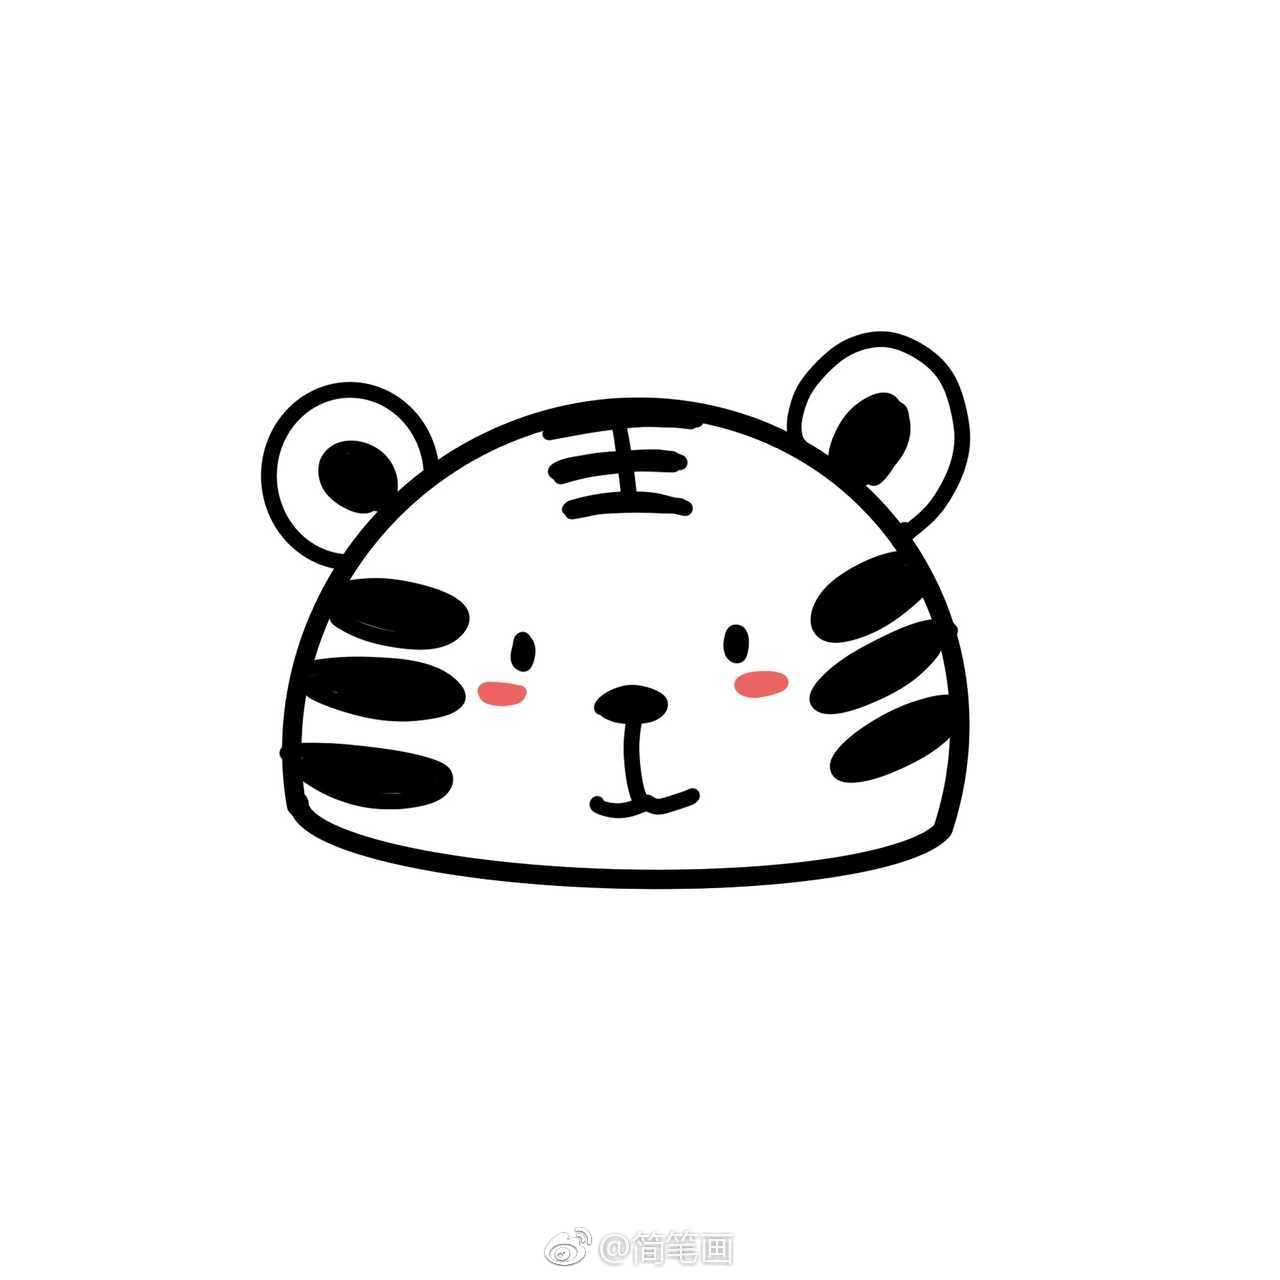 敲可爱的动物简笔画小头像 投稿 爱画画的ruoyu 简笔画 头像 投稿 新浪网